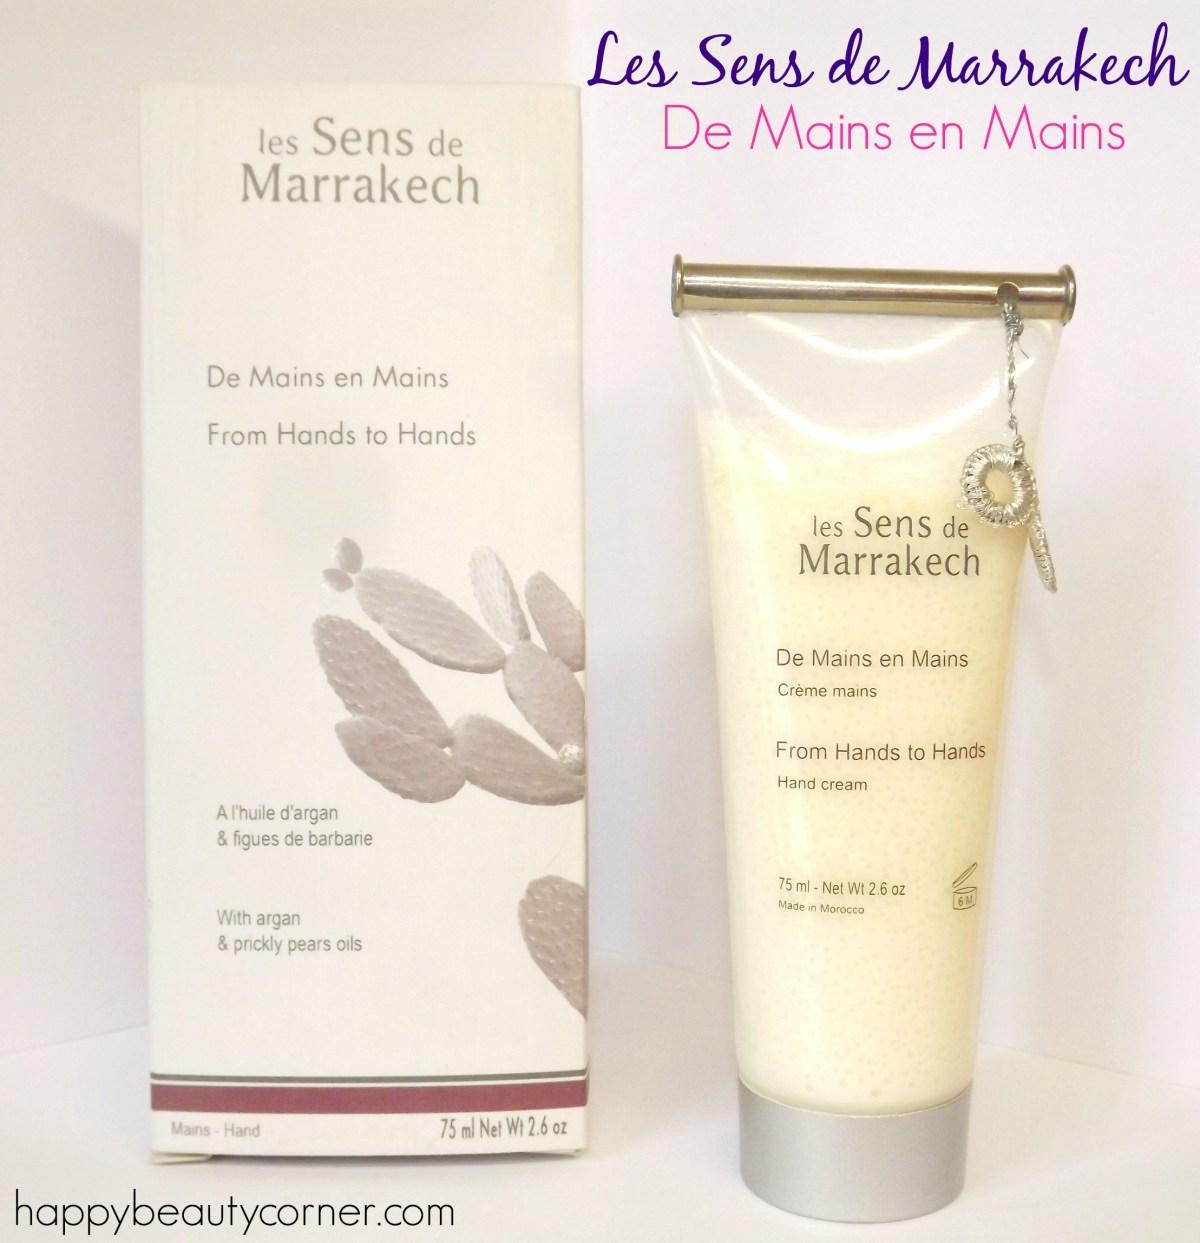 les sens de marrakech